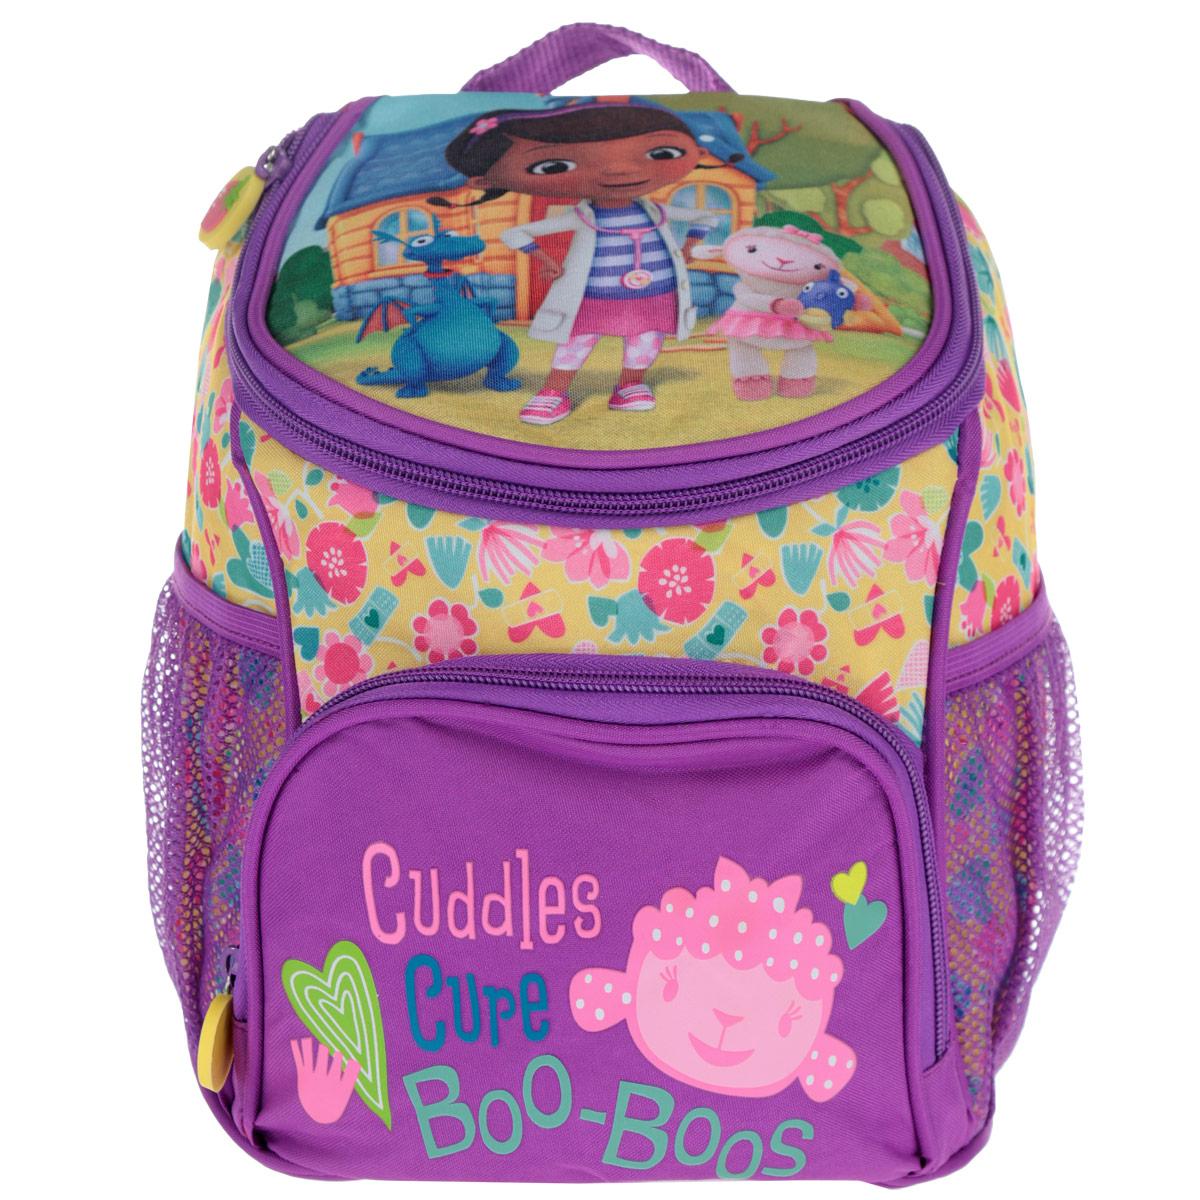 Рюкзак-мини Disney Доктор Плюшева, цвет: фиолетовый. 2494224942Рюкзачок Доктор Плюшева непременно порадует маленькую модницу. В его отделение на молнии легко поместятся игрушки, бутылочка для воды и дрвугие предметы, которые пригодятся на прогулке, в гостях или в детском садике. Лямки рюкзака легко регулируются по длине, поэтому аксессуар подойдет деткам разного роста. Изделие изготовлено из износоустойчивой ткани с водонепроницаемой основой, поэтому имеет долгий срок службы и надежно защищает вещи от намокания. Рюкзачок украшен привлекательным принтом с изображением героев мультфильма Доктор Плюшева. Рюкзак имеет одно внутреннее отделение на молнии, один внешний карман на молнии и два внешних кармана-сетки.